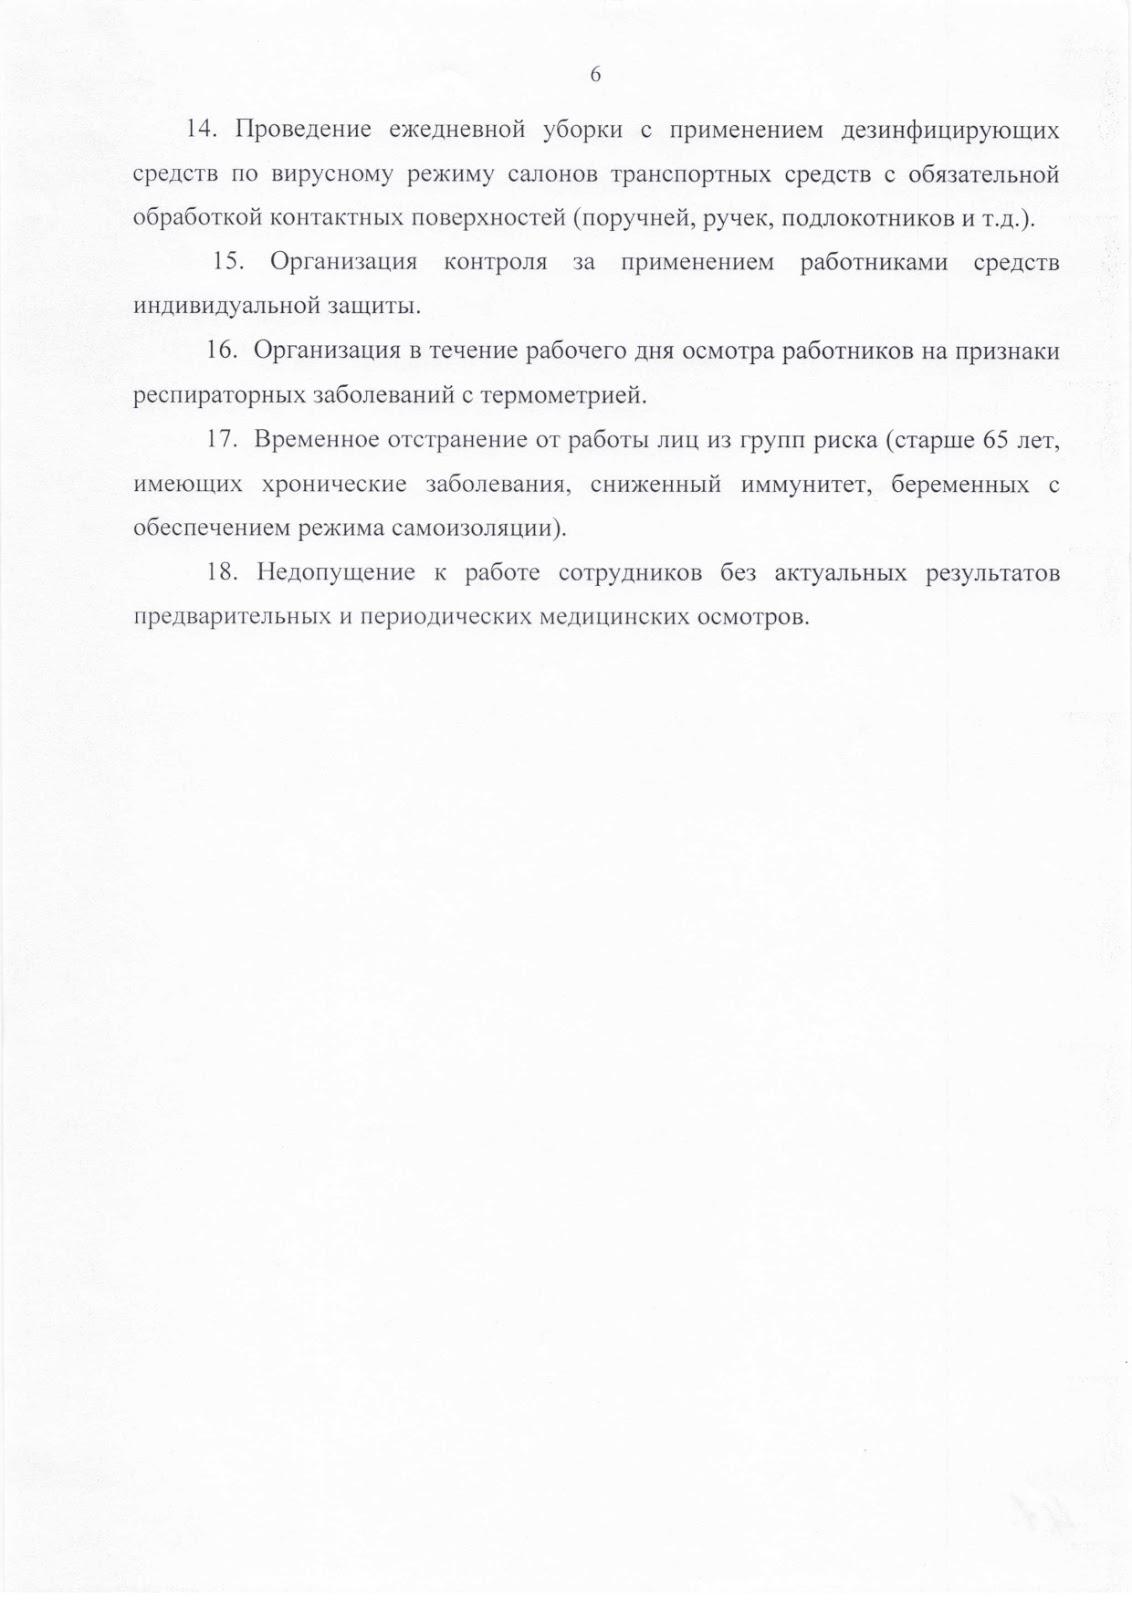 Роспотребнадзор для Салонов красоты и Парикмахерских - Рекомендации 2020 - 6